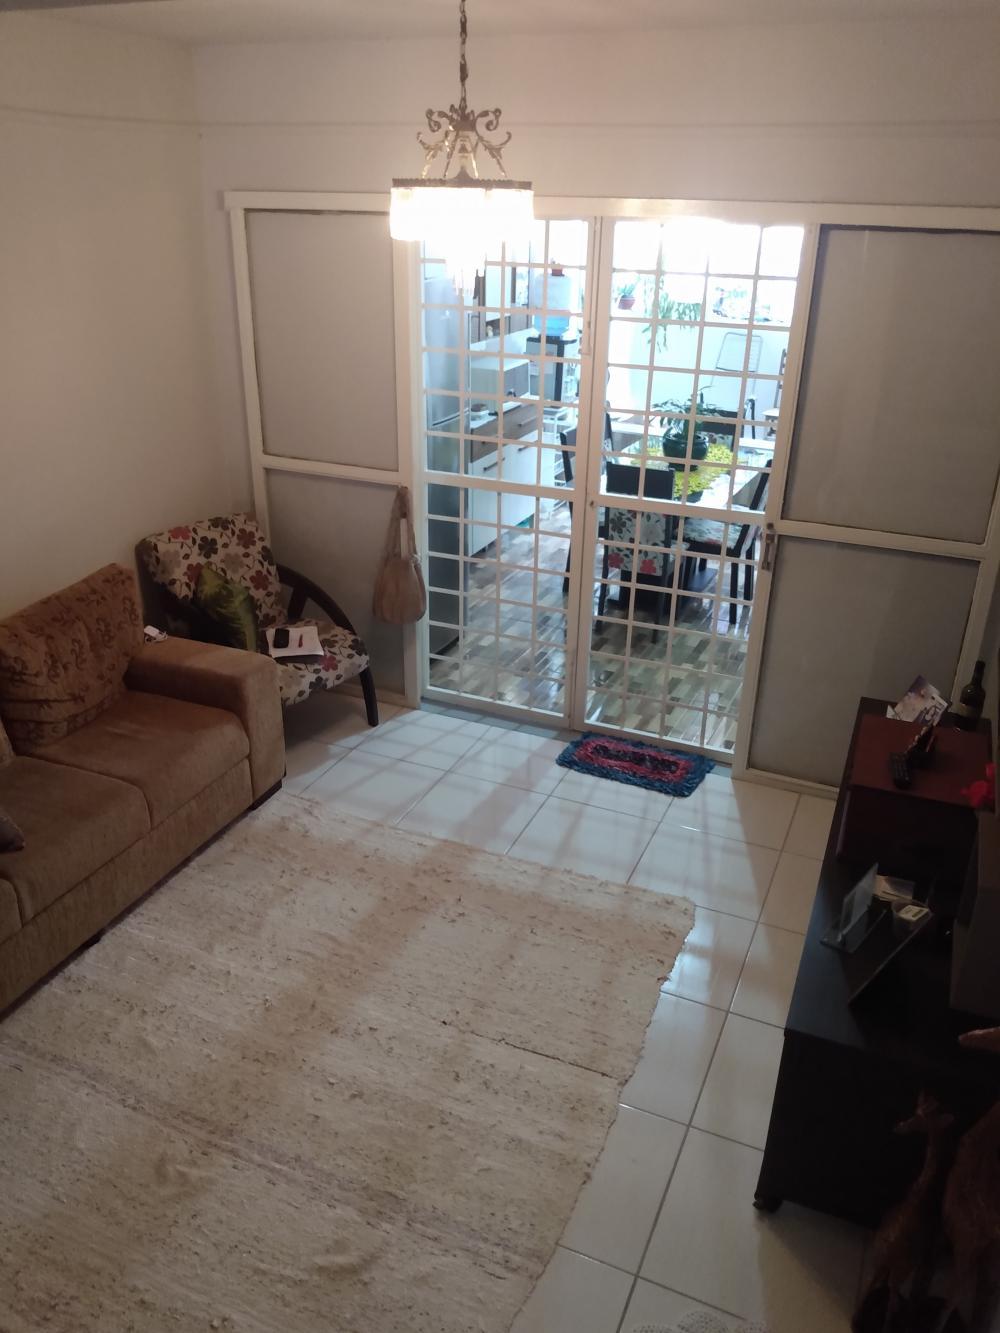 Comprar Casa / Condomínio em SAO JOSE DO RIO PRETO apenas R$ 220.000,00 - Foto 1